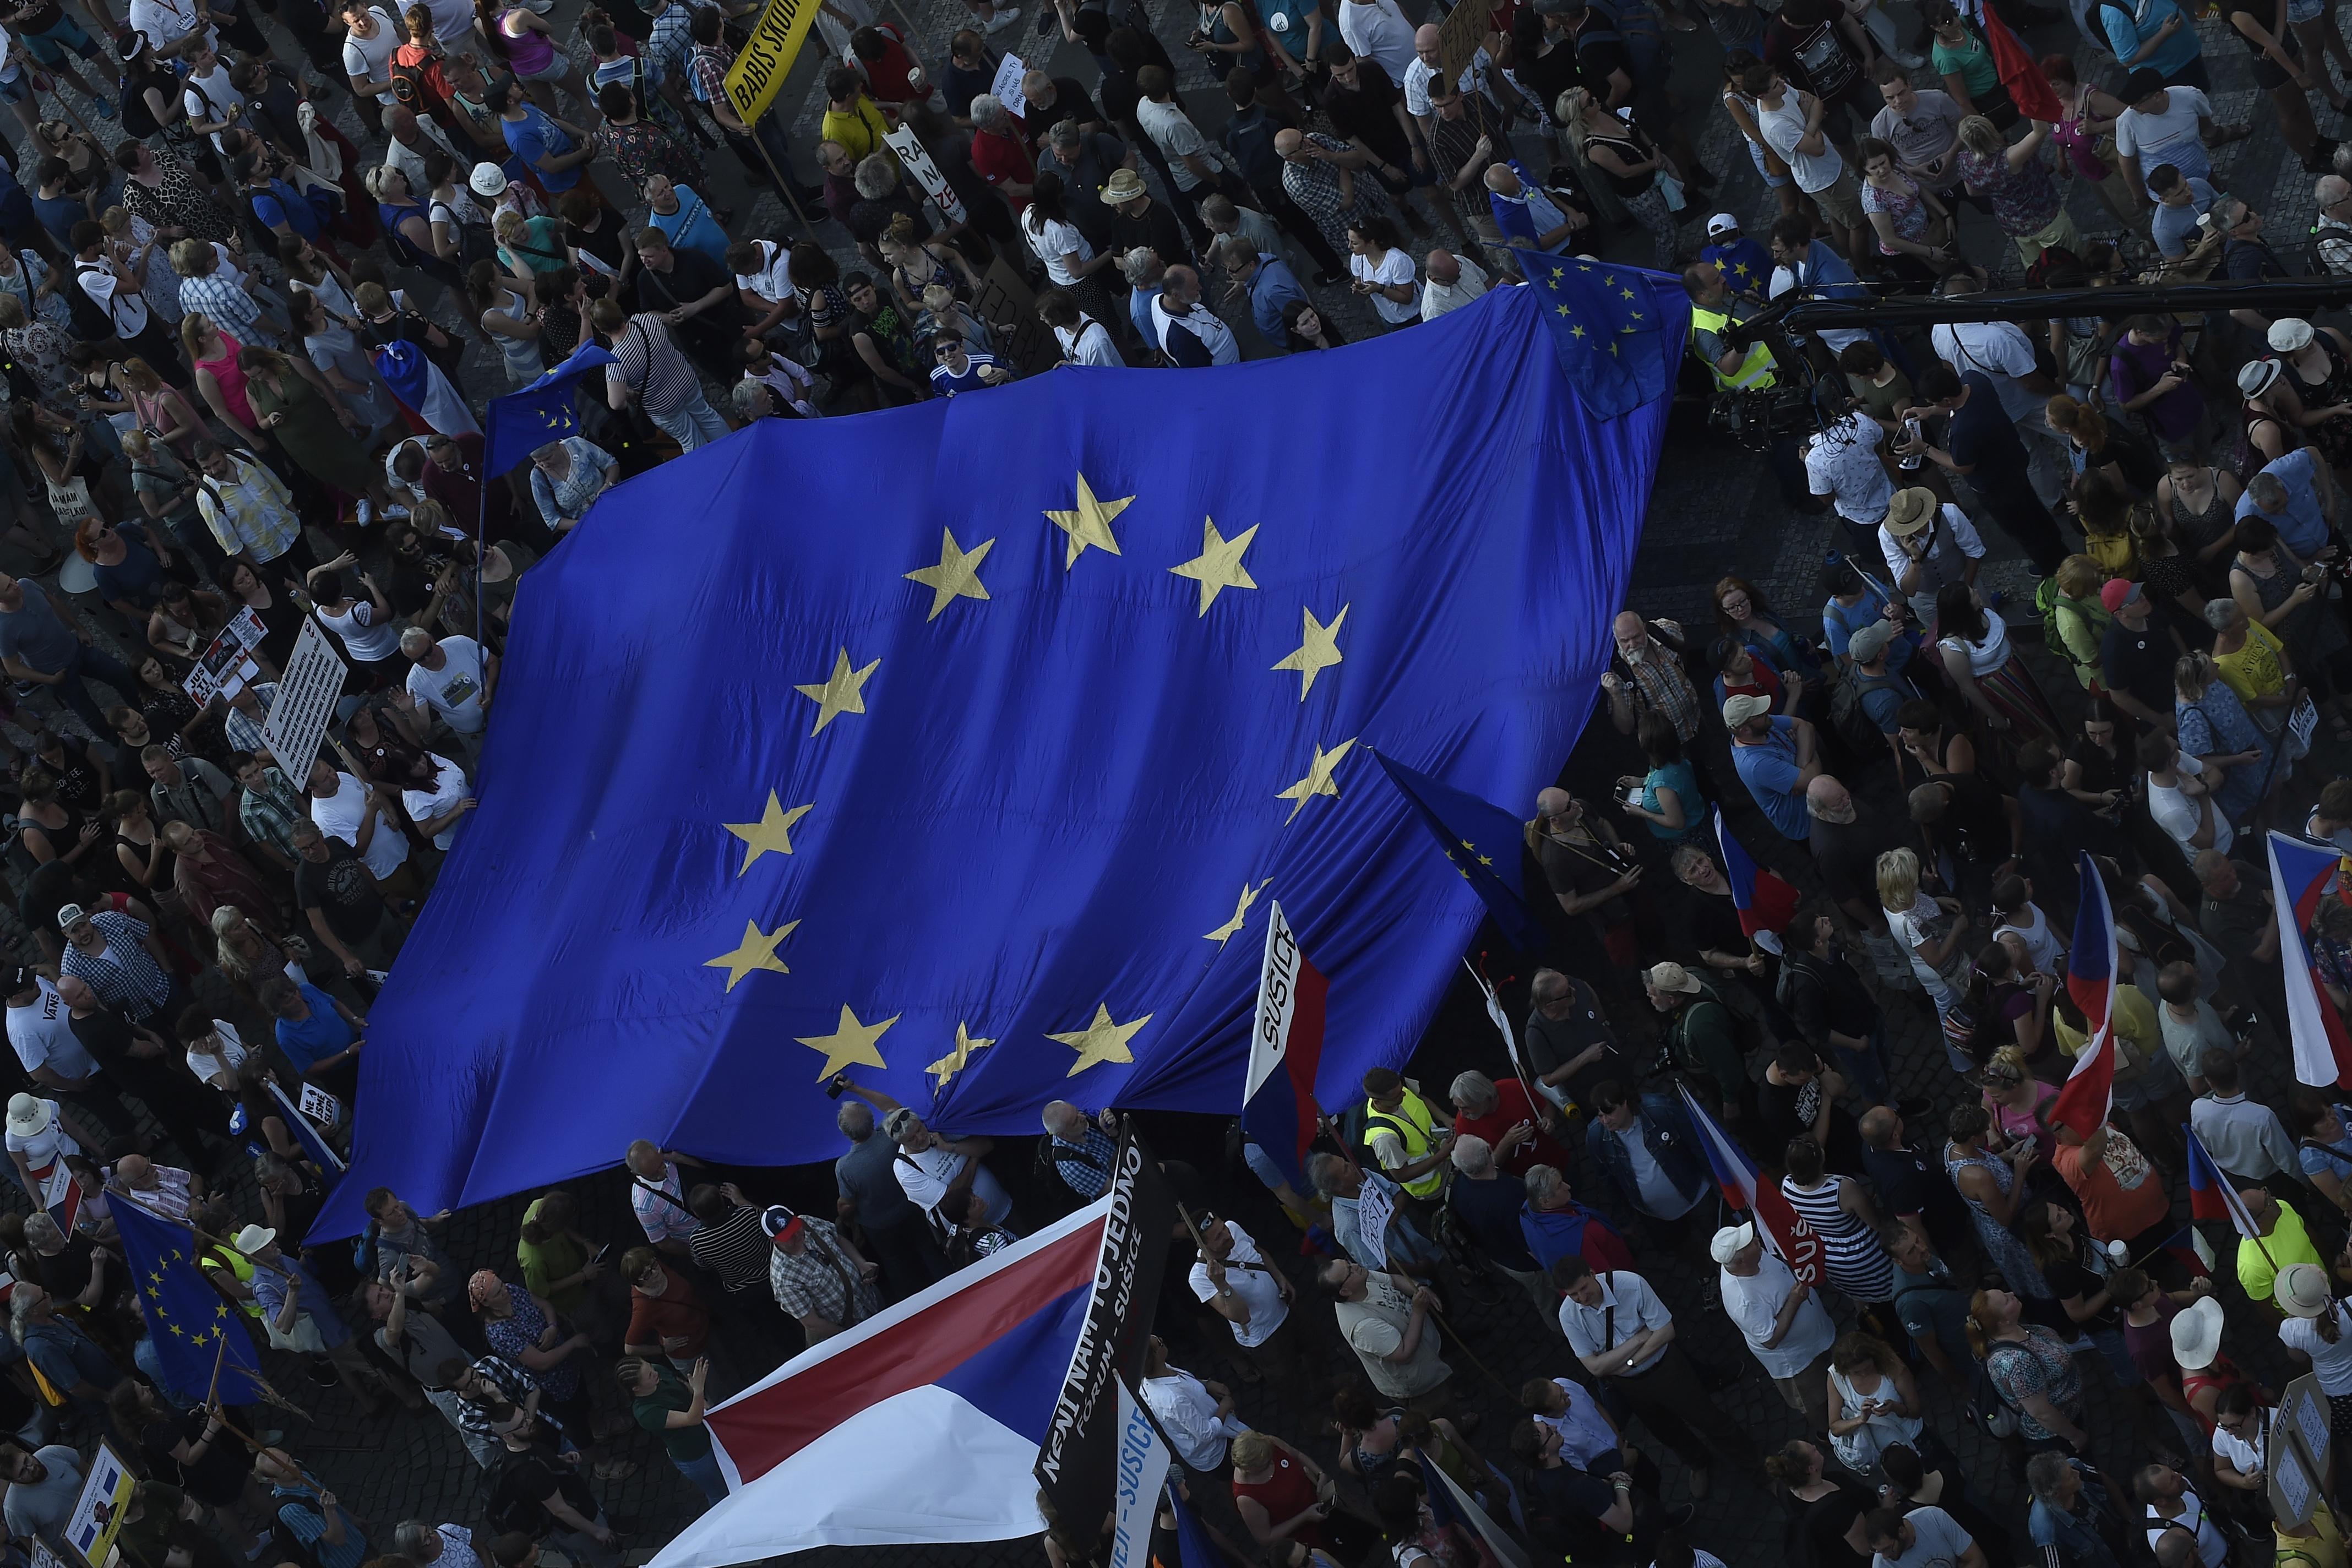 Jelentősen megnőtt a bizalom az EU-ban